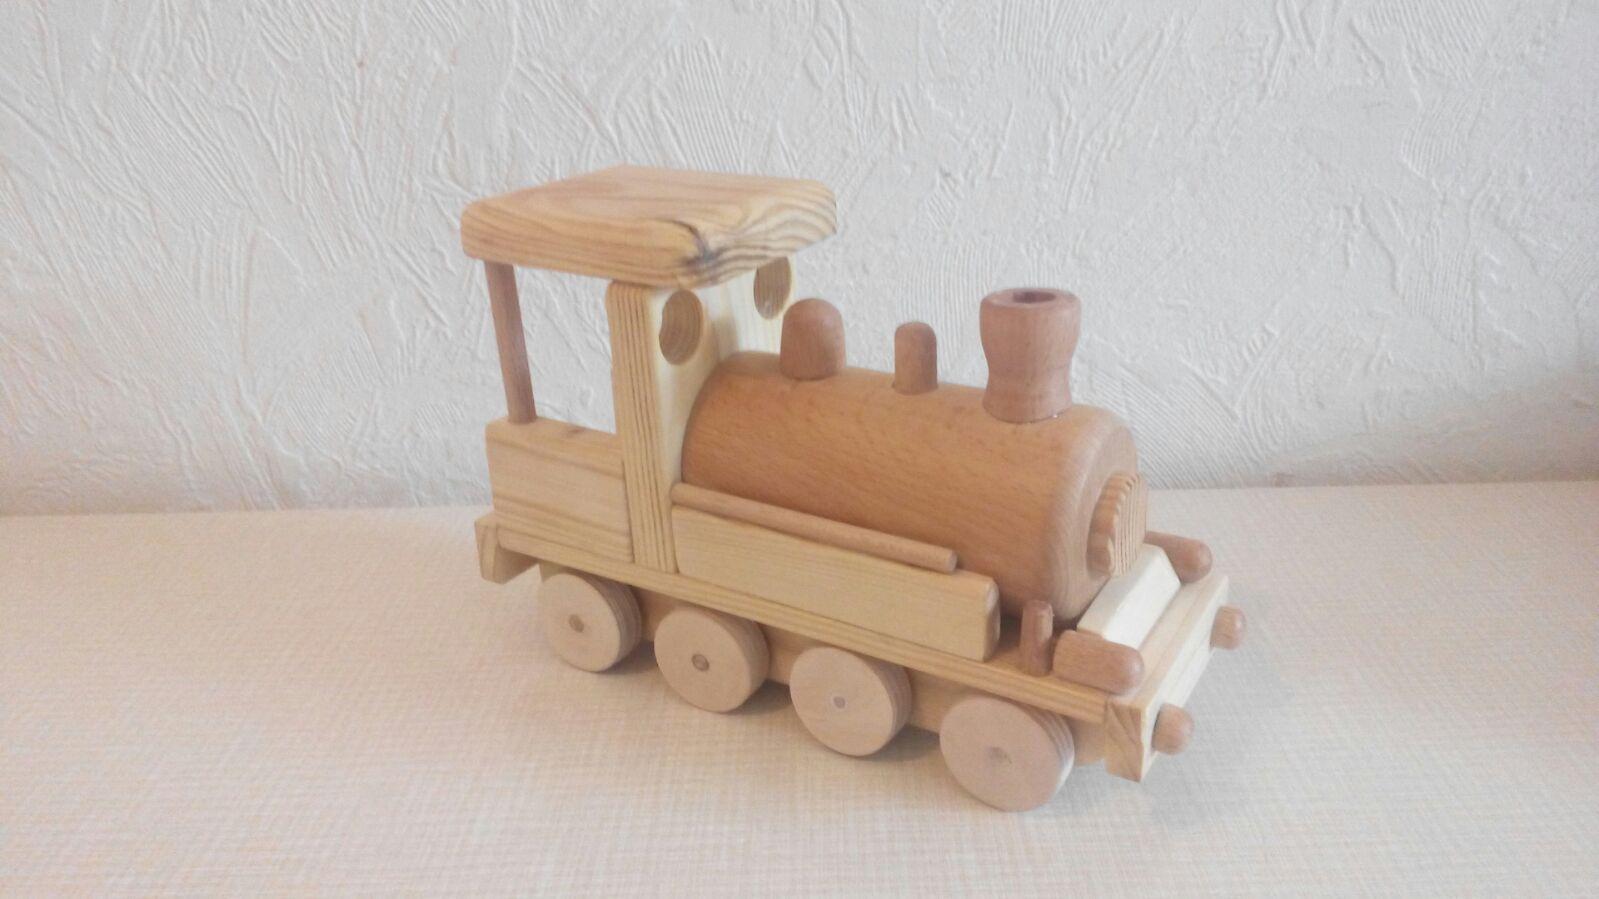 holz ideen zum selber bauen lokomotive aus holz bauanleitung zum selber bauen